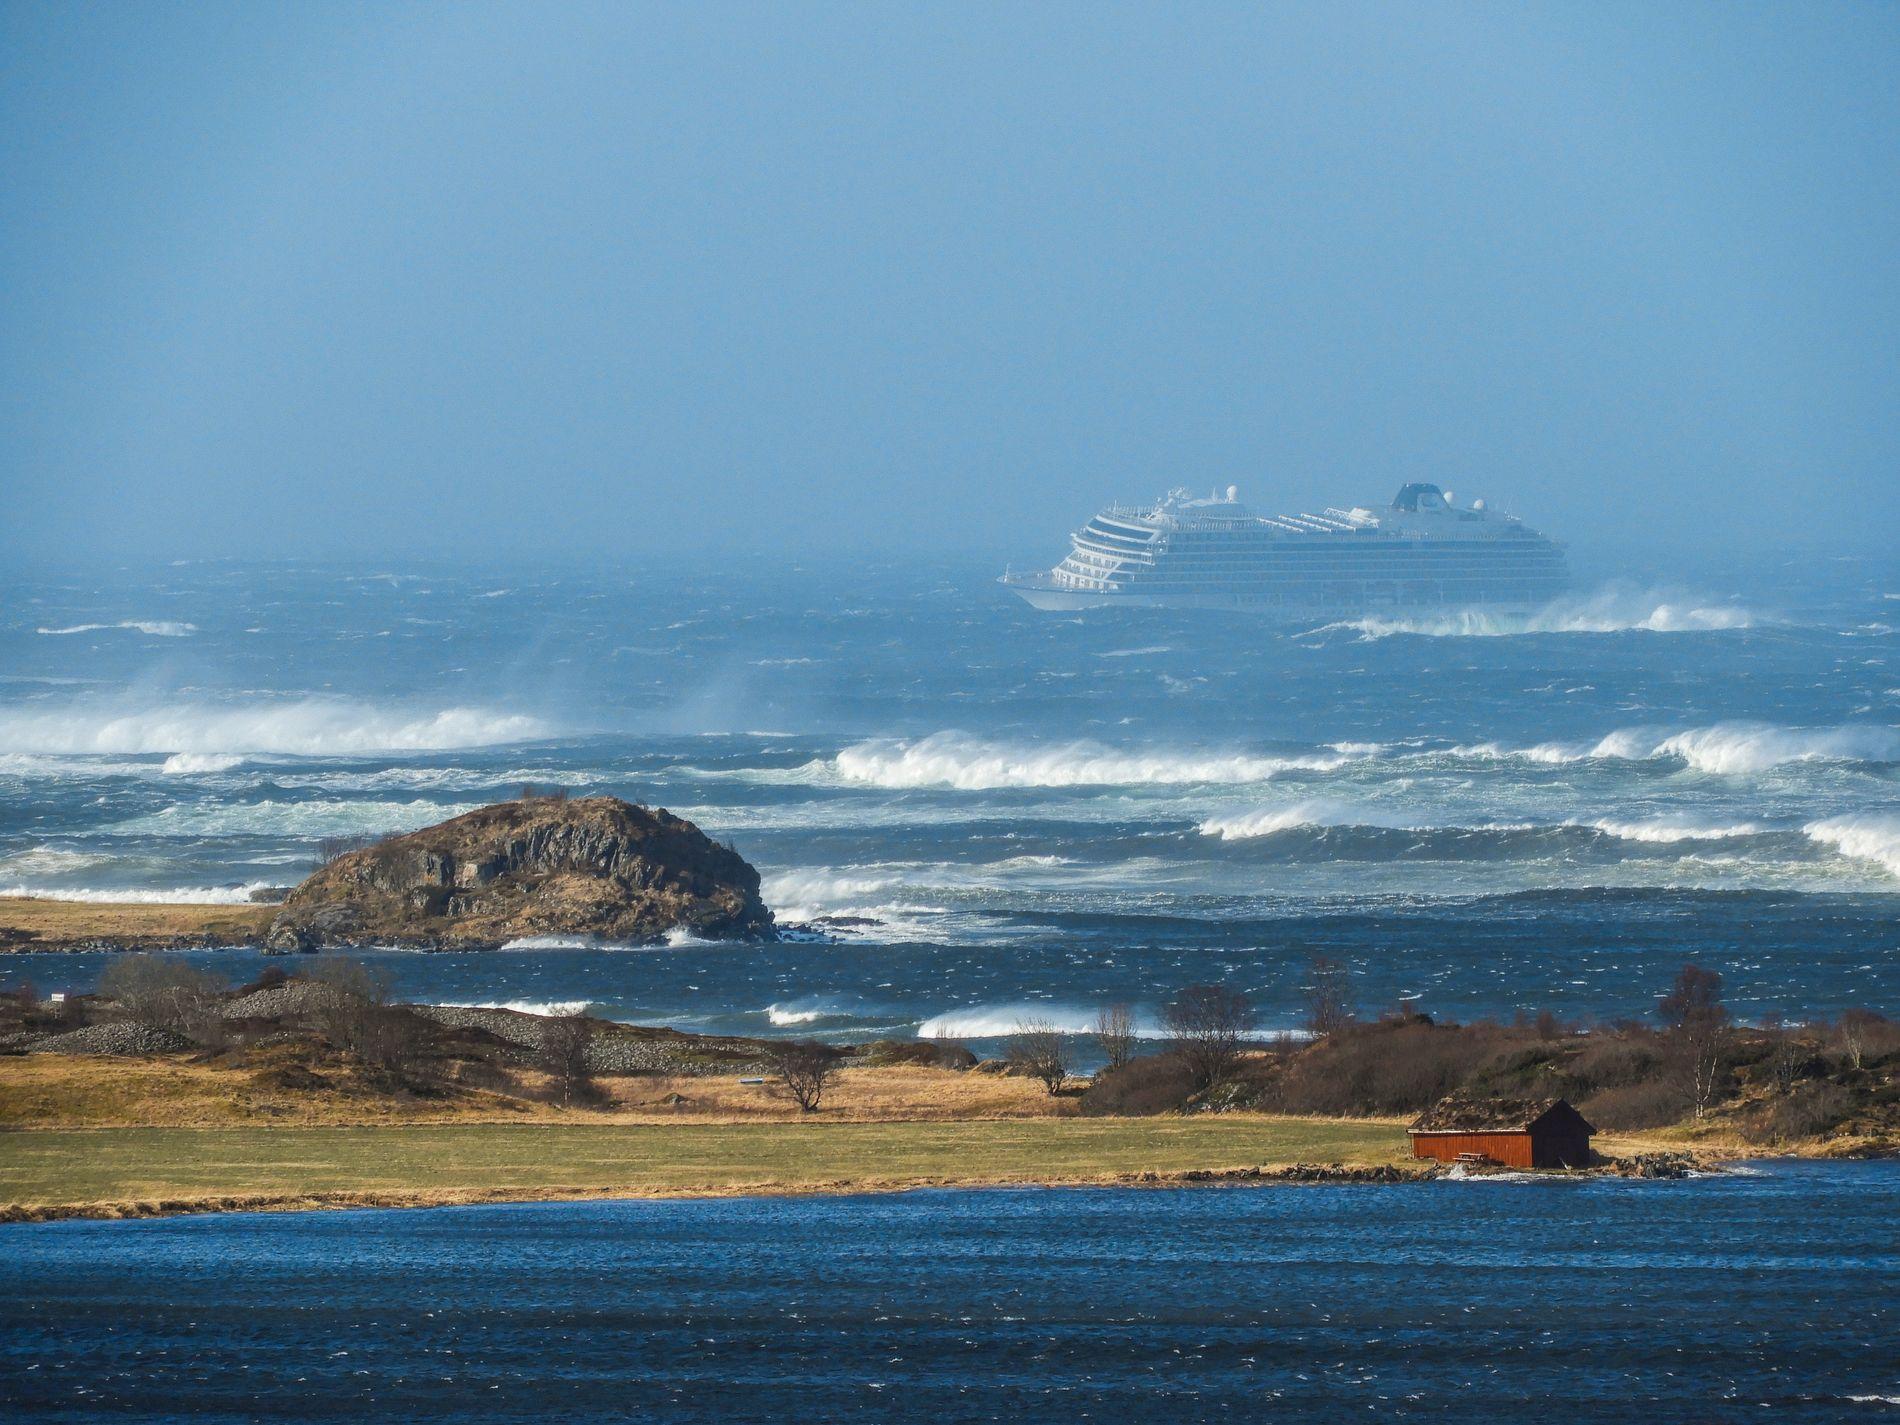 MAYDAY: Viking Sky sendte ut nødsignalet lørdag i 14-tiden.